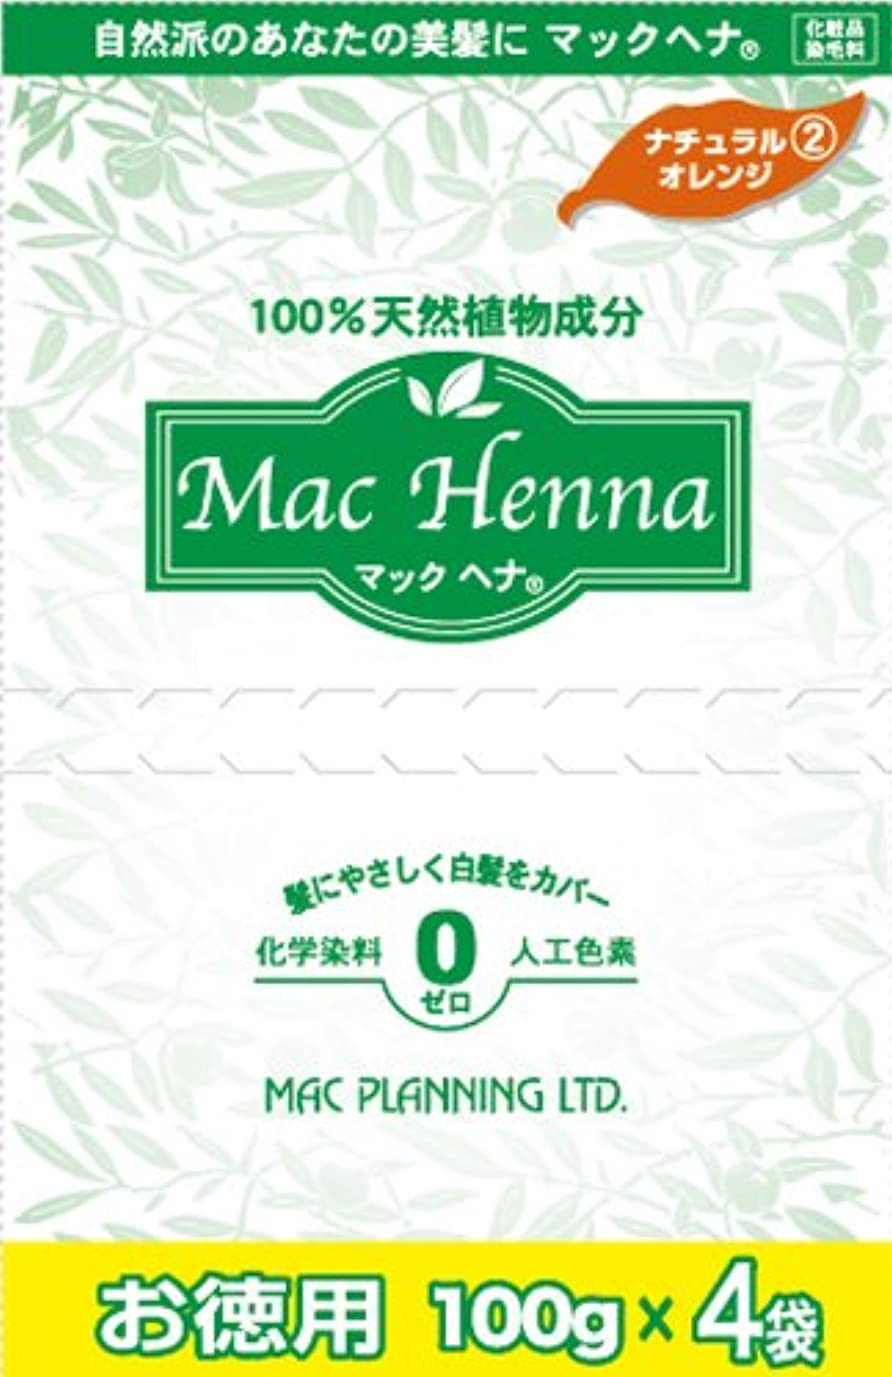 オーバードローピカソ妊娠した天然植物原料100% 無添加 マックヘナ お徳用(ナチュラルオレンジ)-2  400g(100g×4袋) 3箱セット